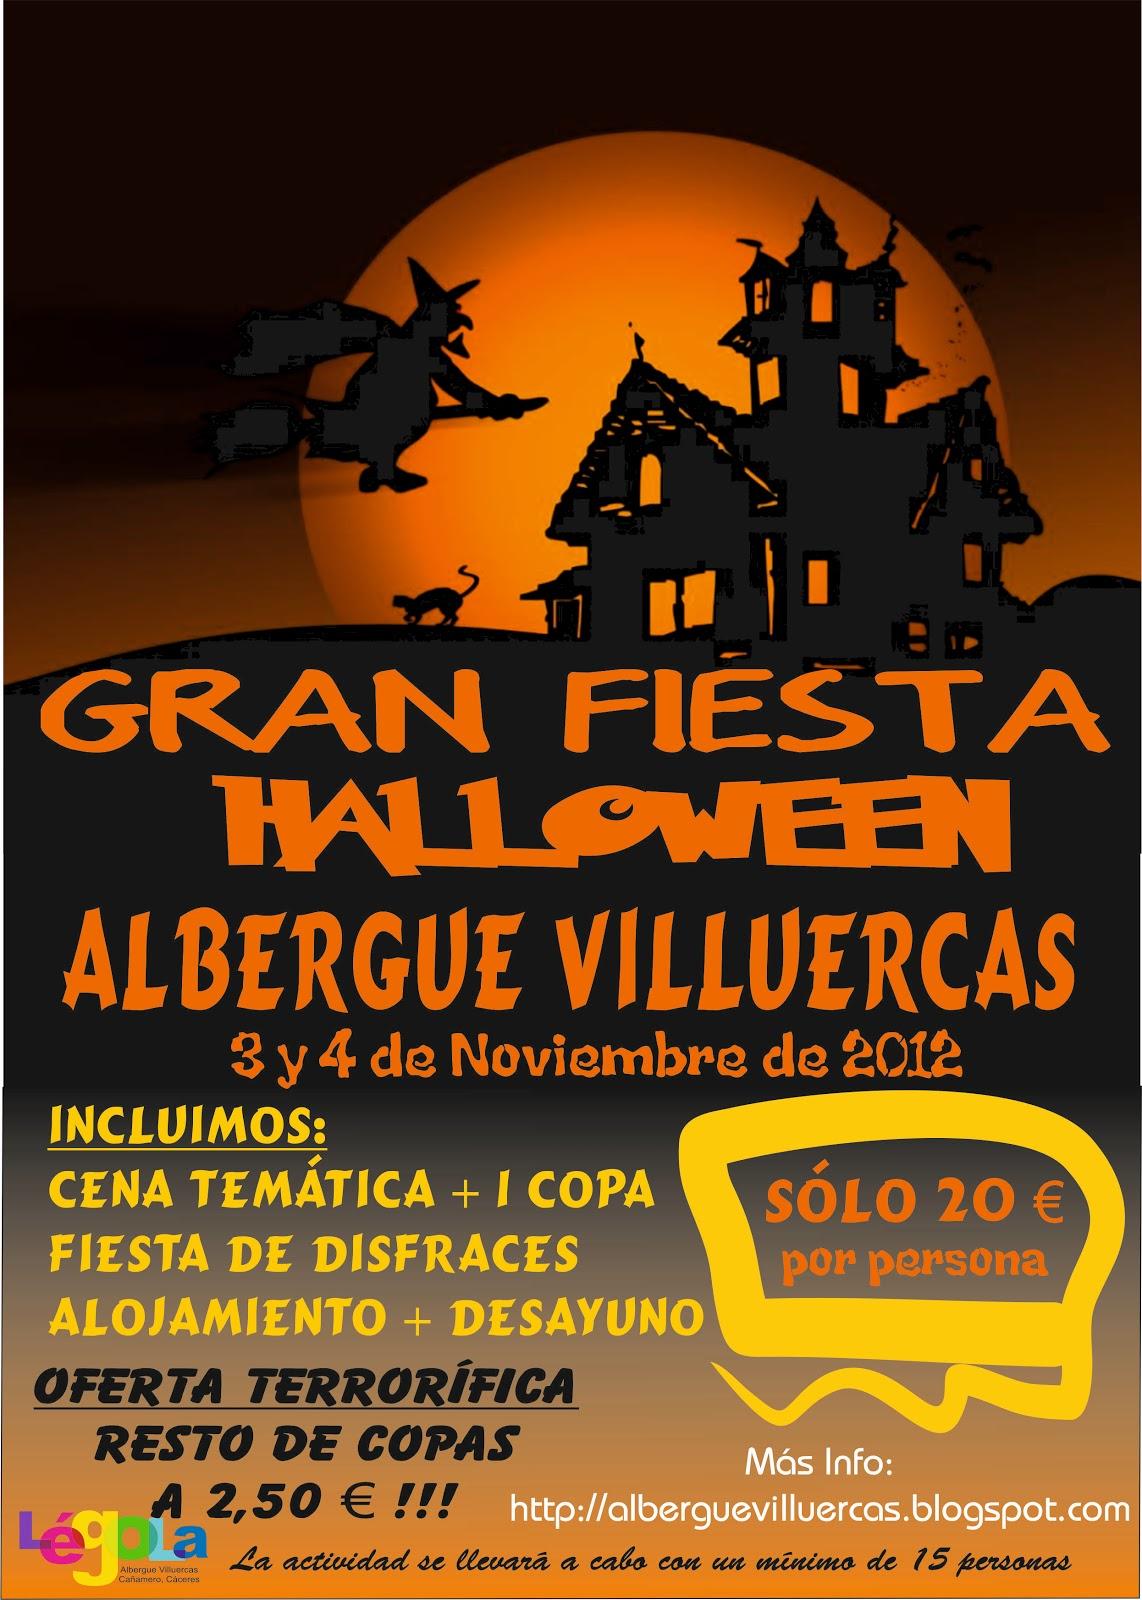 gran fiesta de halloween ~ abergue villuercas